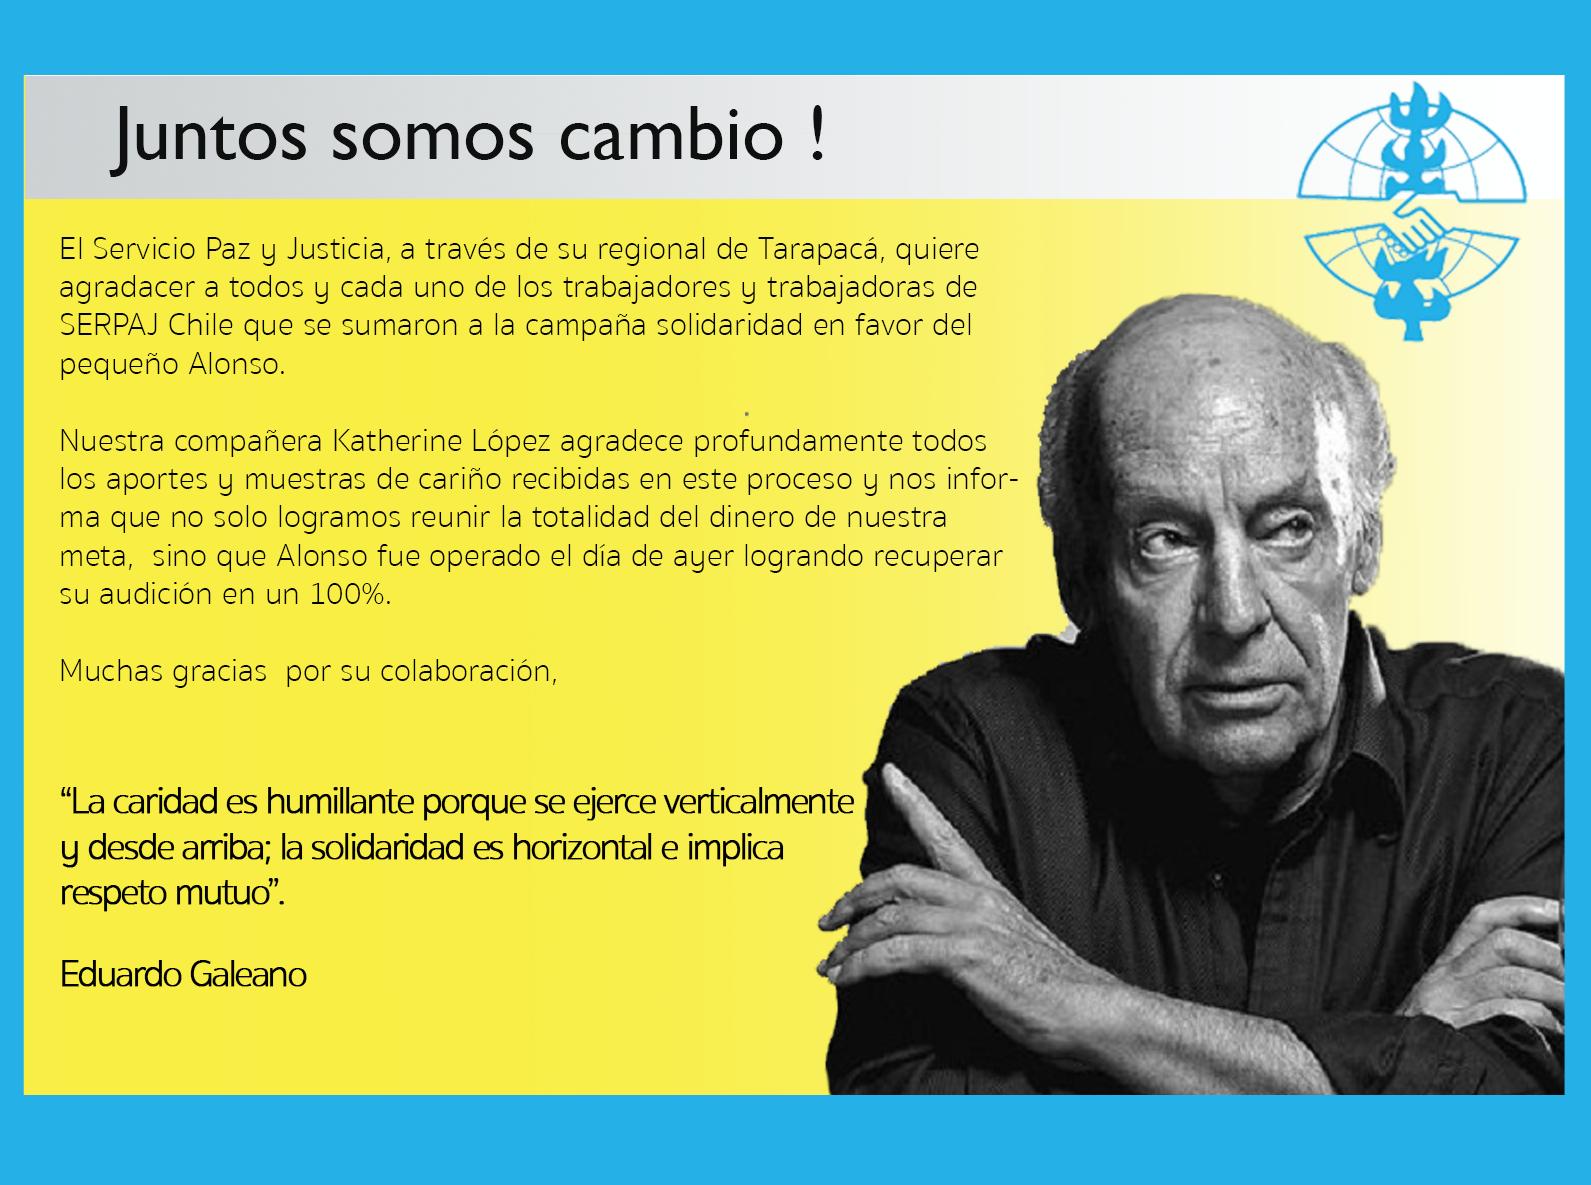 SERPAJ Chile: Juntos somos cambio!